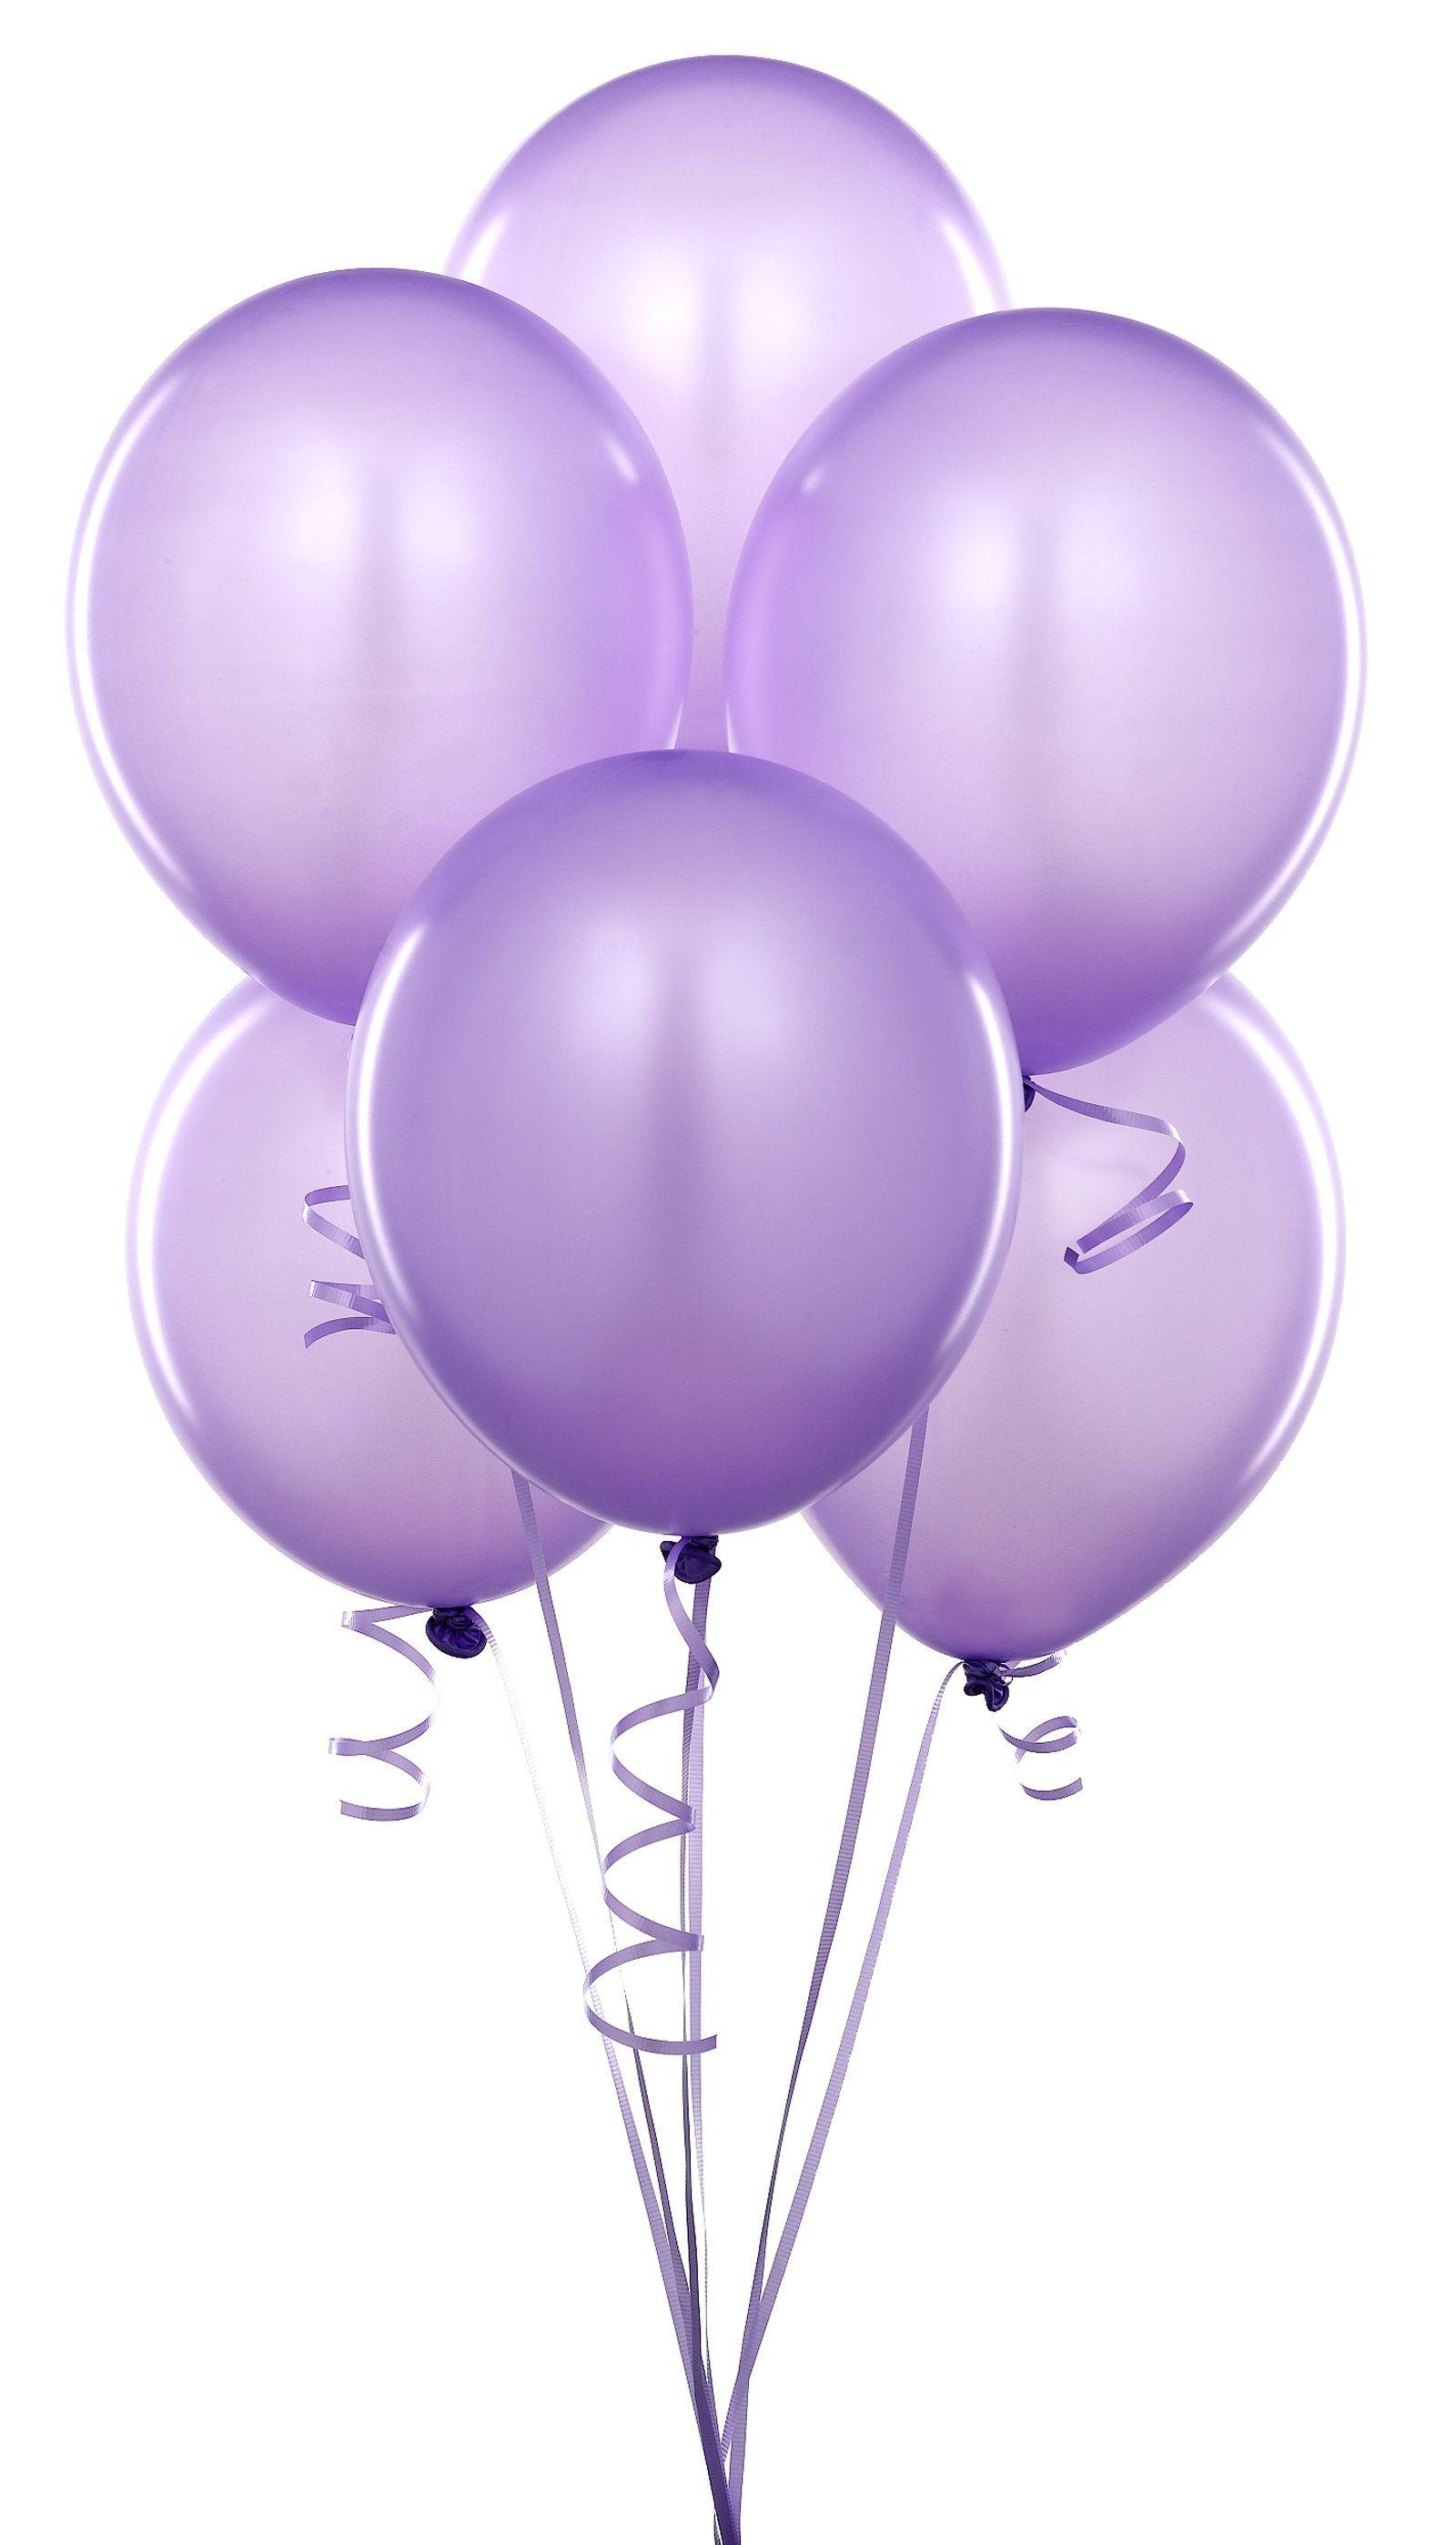 Lavender Balloons Baloes Roxos Aniversario Roxo Bolos De Aniversario Da Sereia